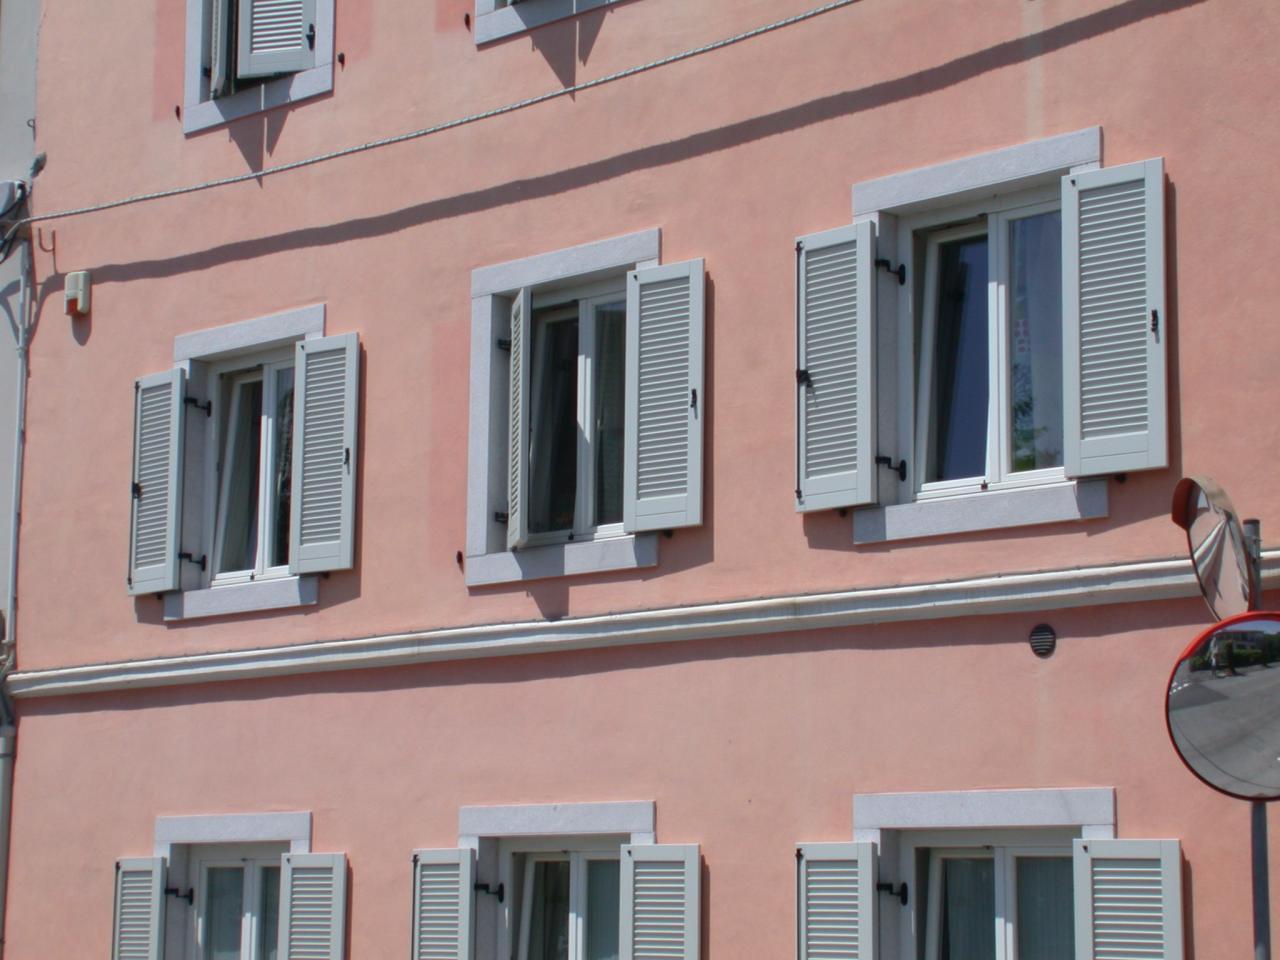 Appartamento in affitto a Gorizia, 3 locali, zona Località: centro, prezzo € 395 | Cambio Casa.it